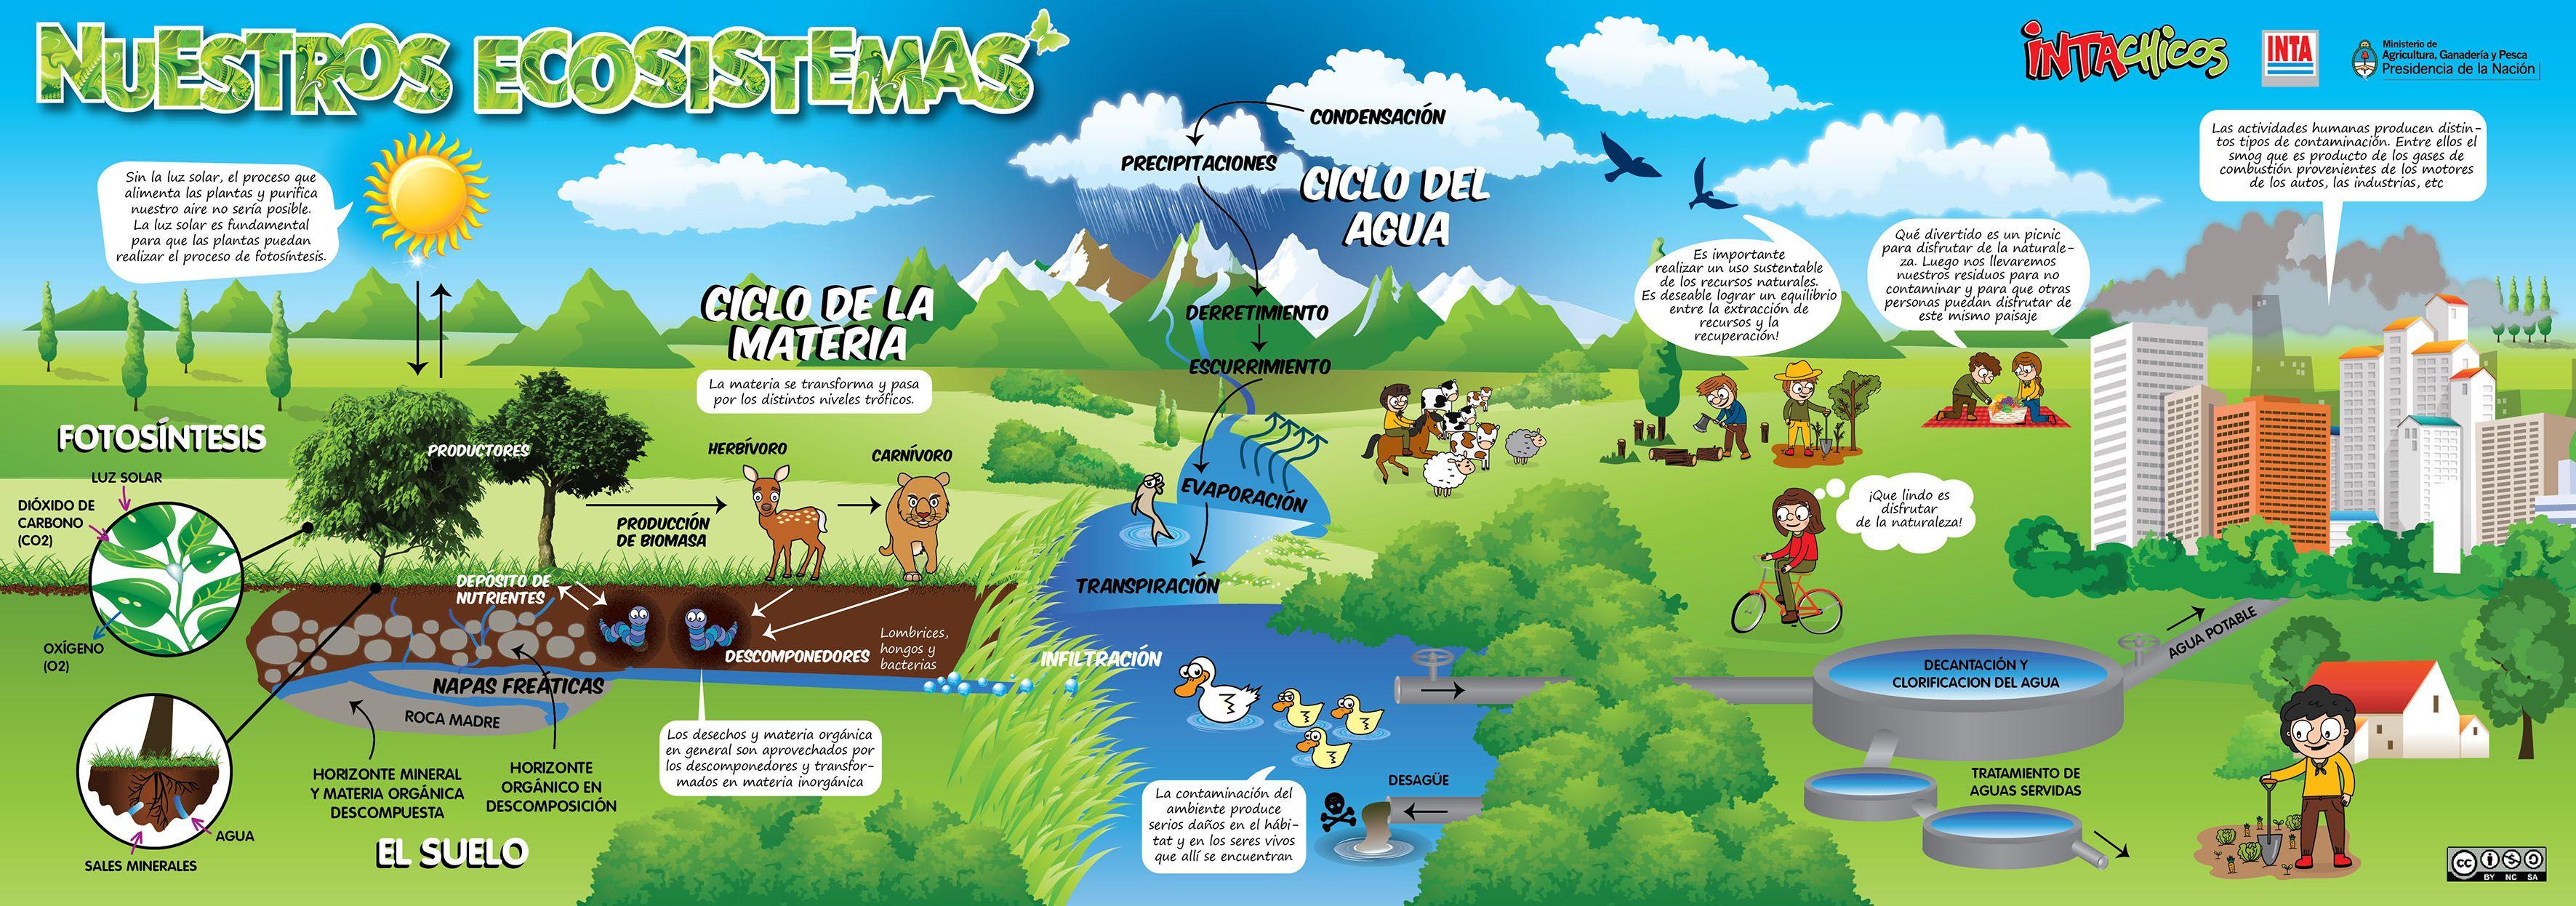 Nuestros ecosistemas (Ecosistema)